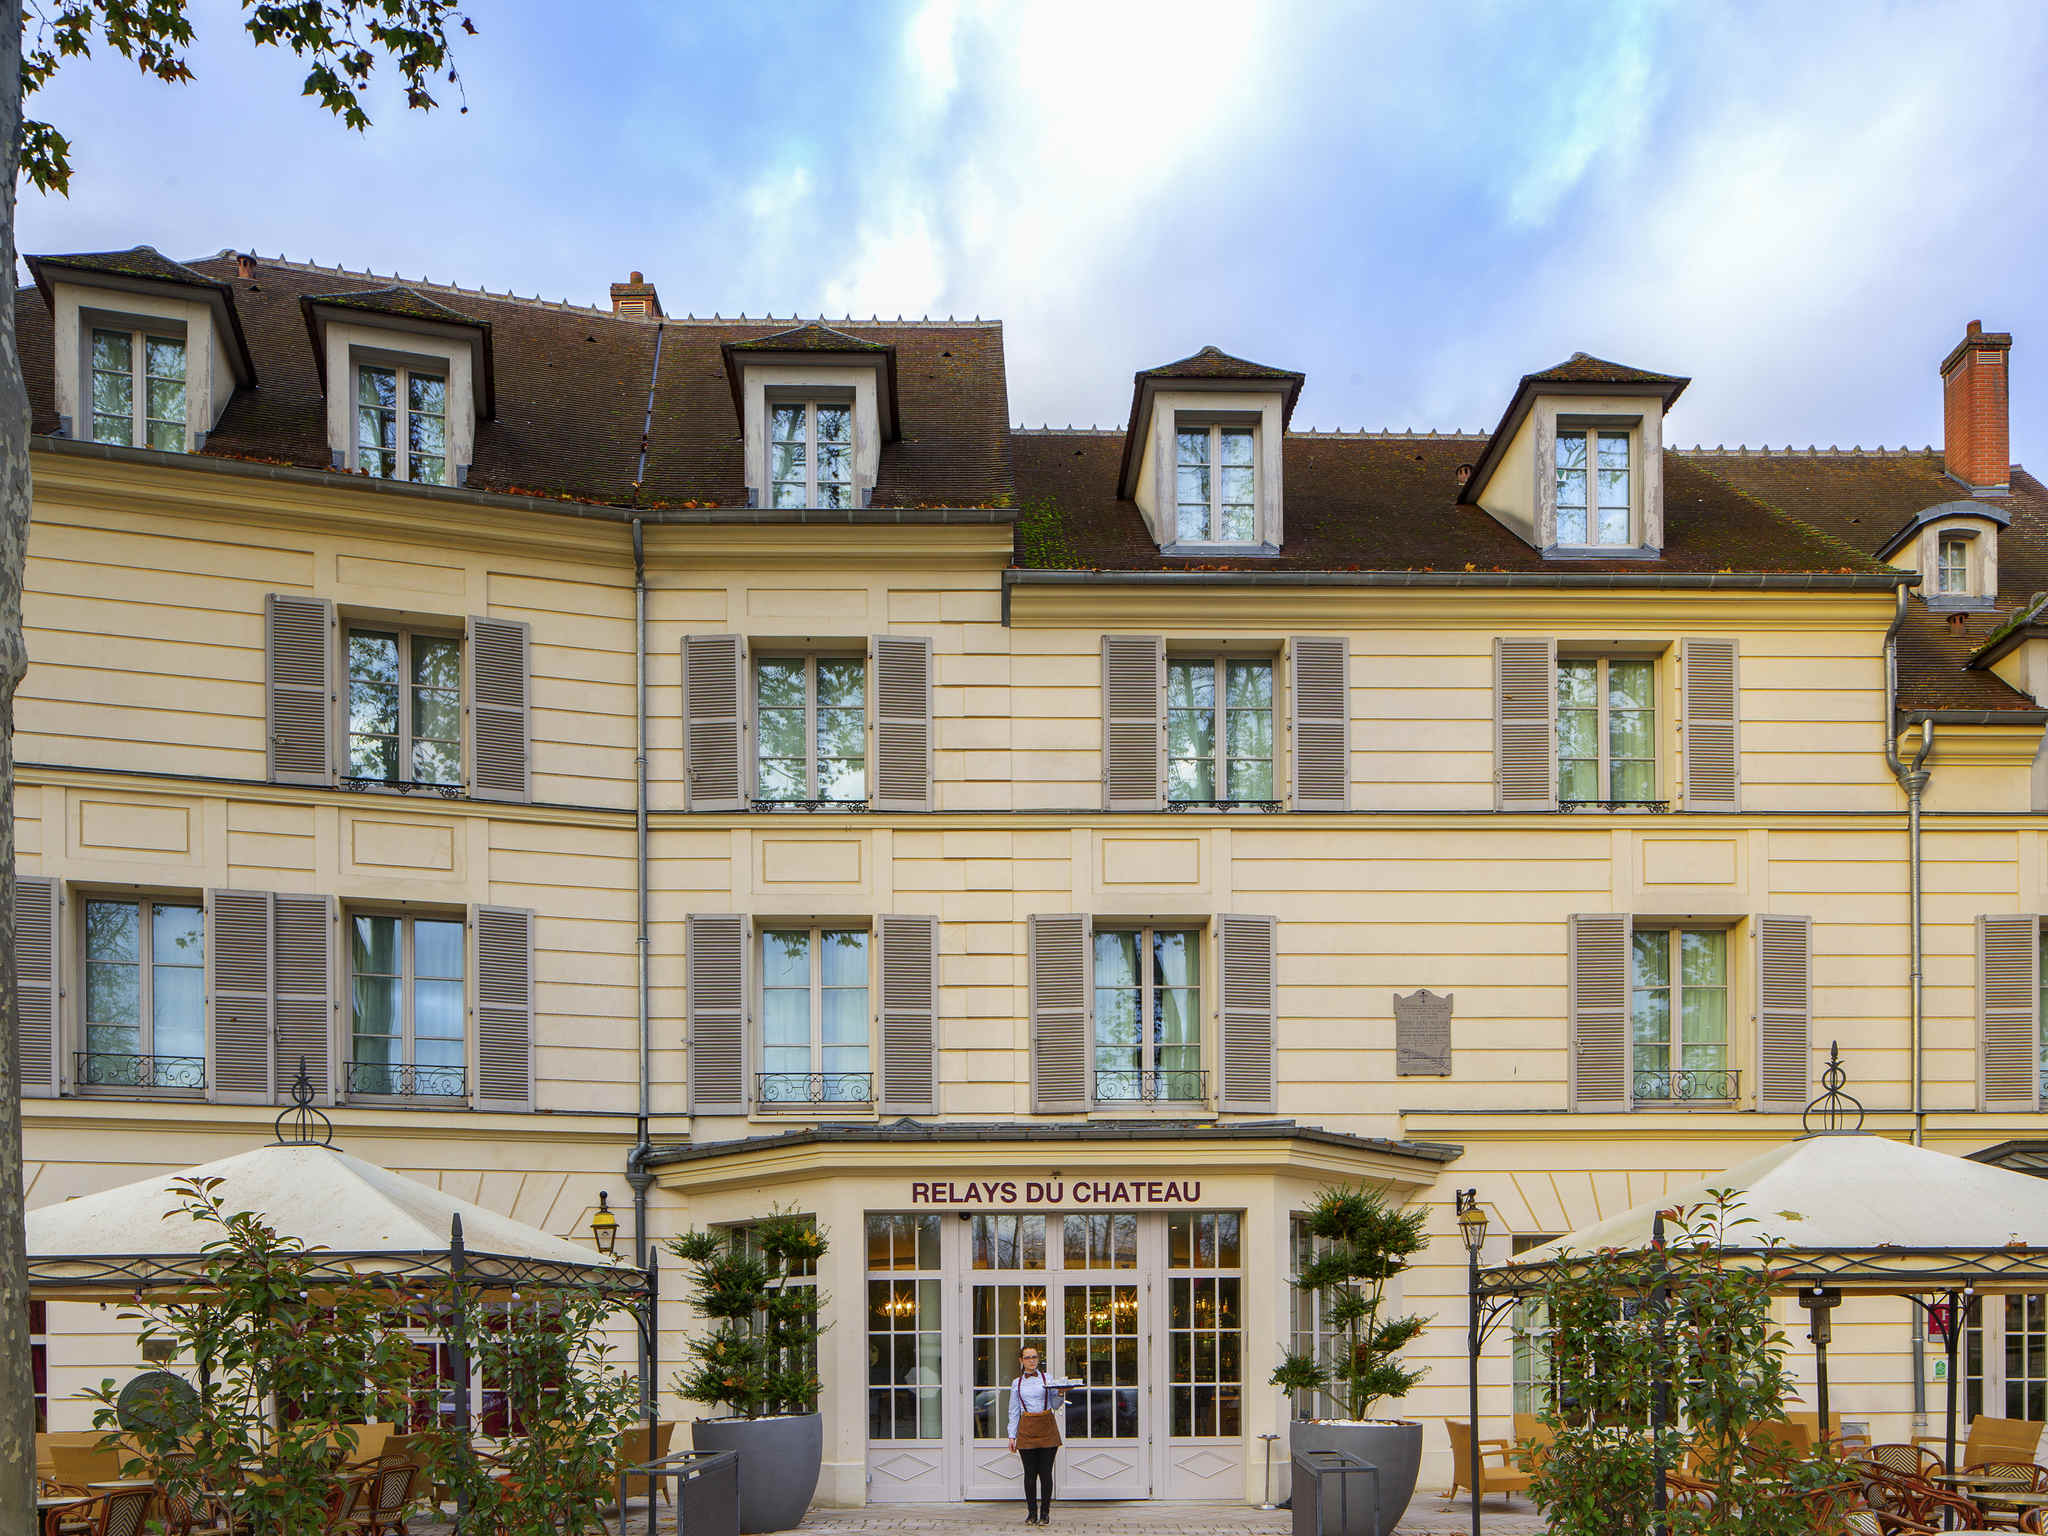 Hôtel - Hôtel Mercure Rambouillet Relays du Château